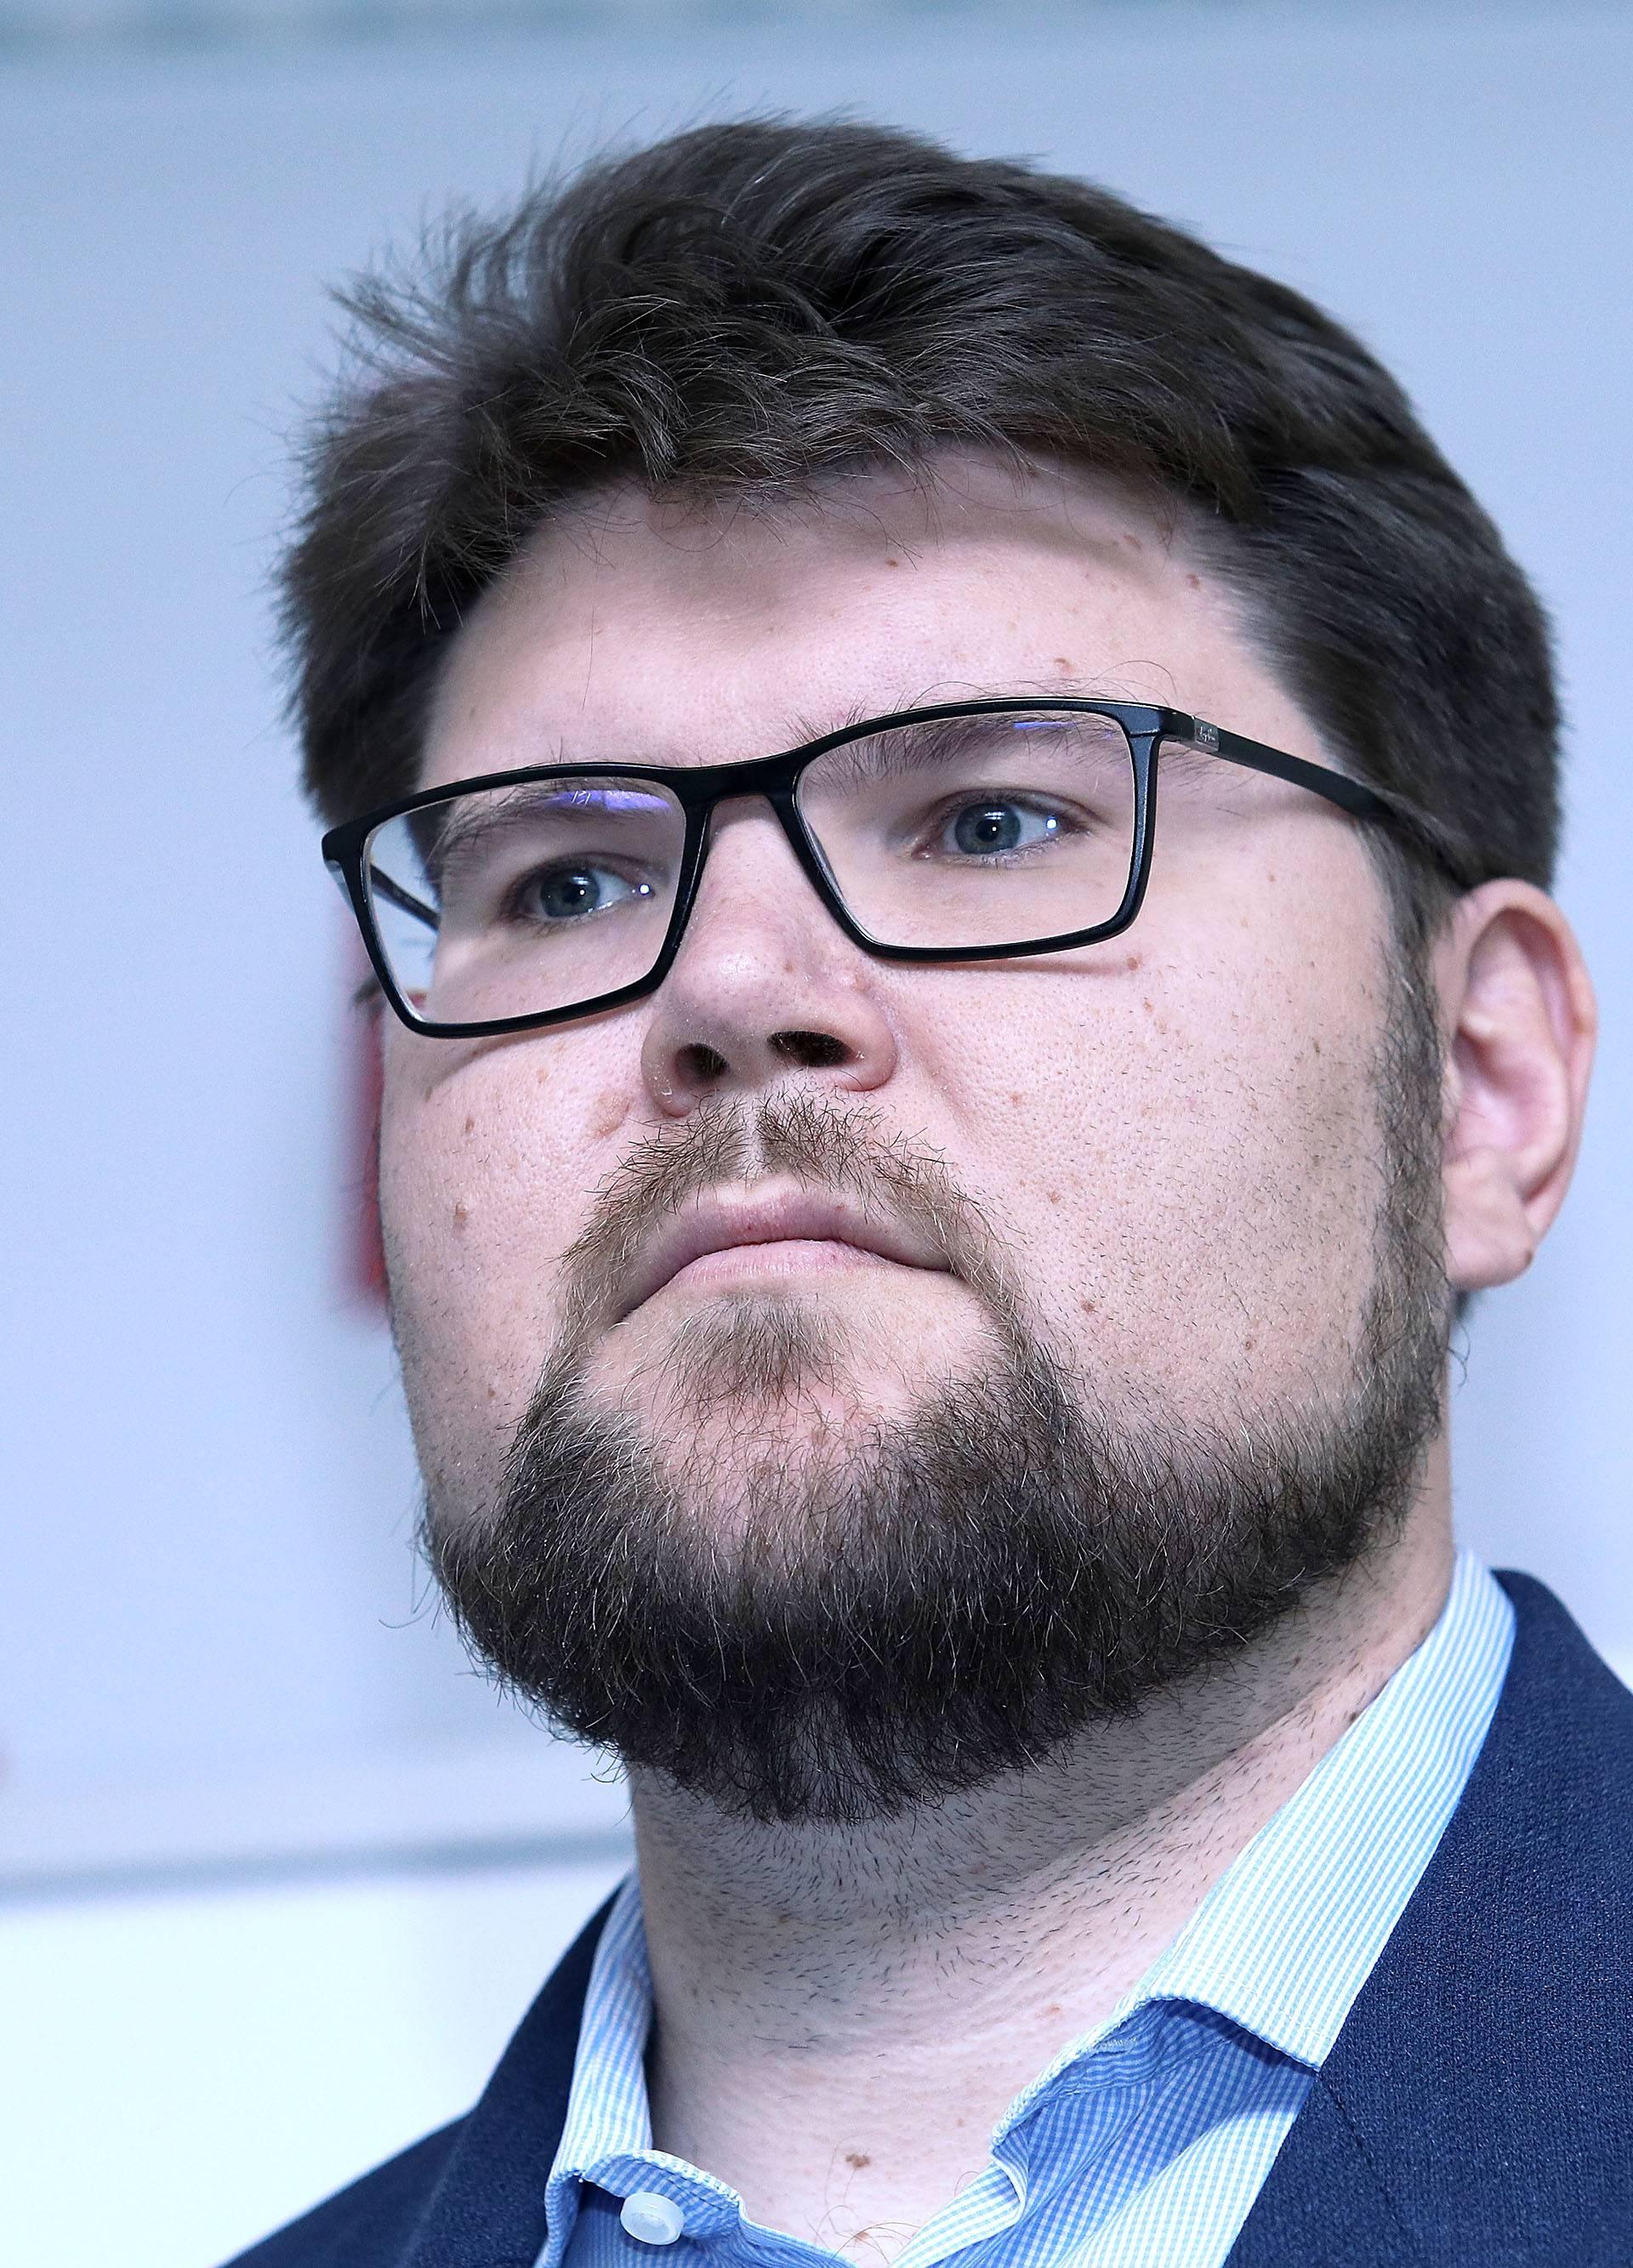 'Podržali bi i Tomaševića, ako bi tako maknuli Milana Bandića'